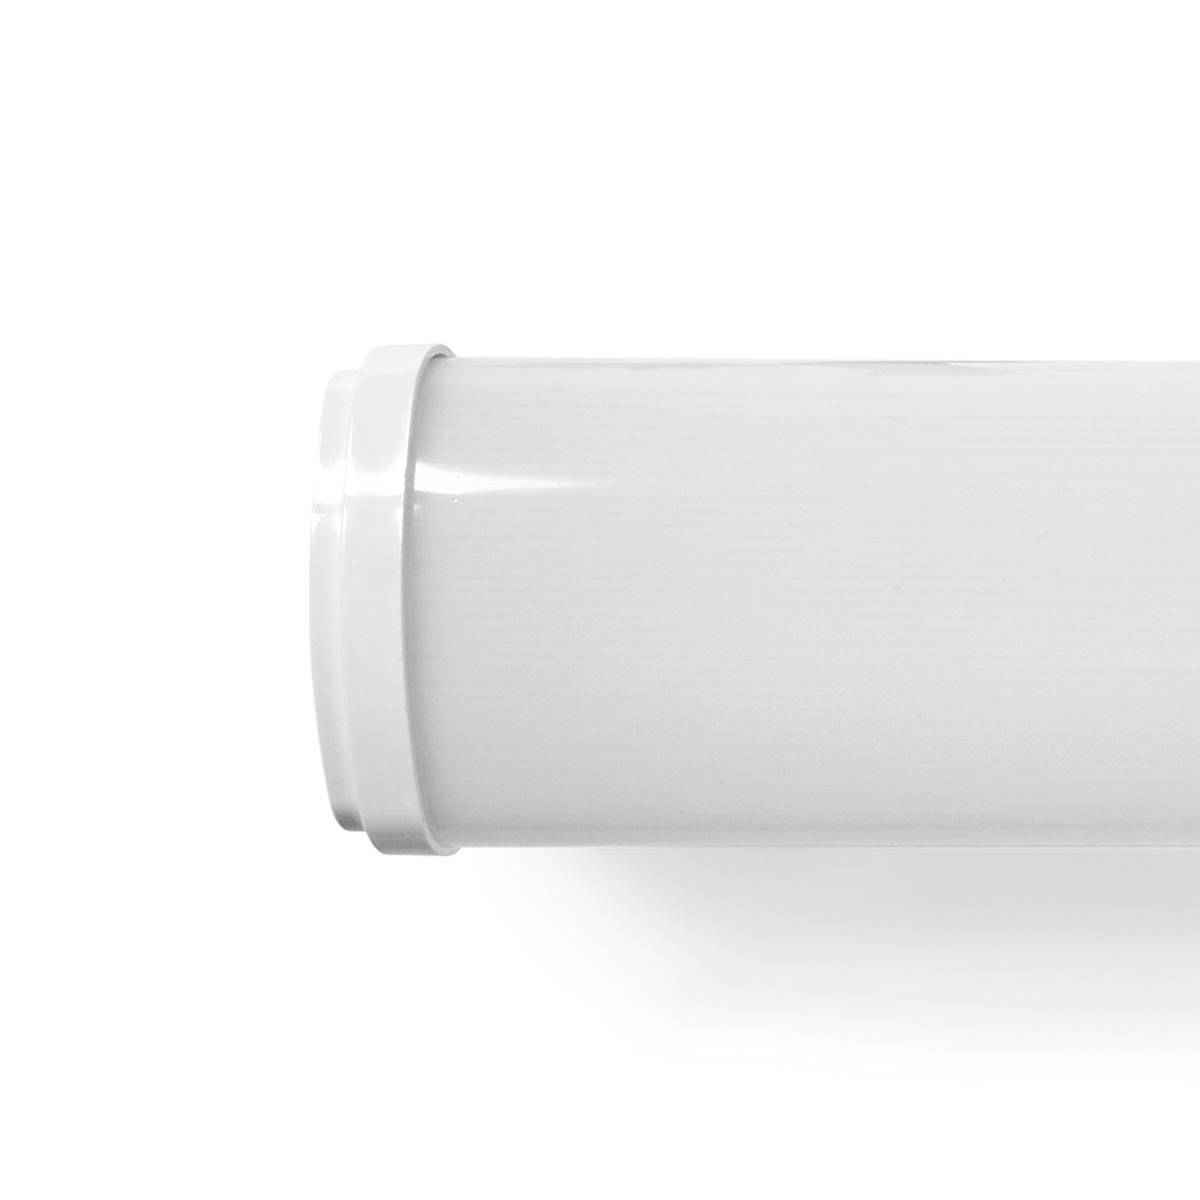 LED Armatur | 43 W | 4400 lm | IP65 | 120 cm | Nedis